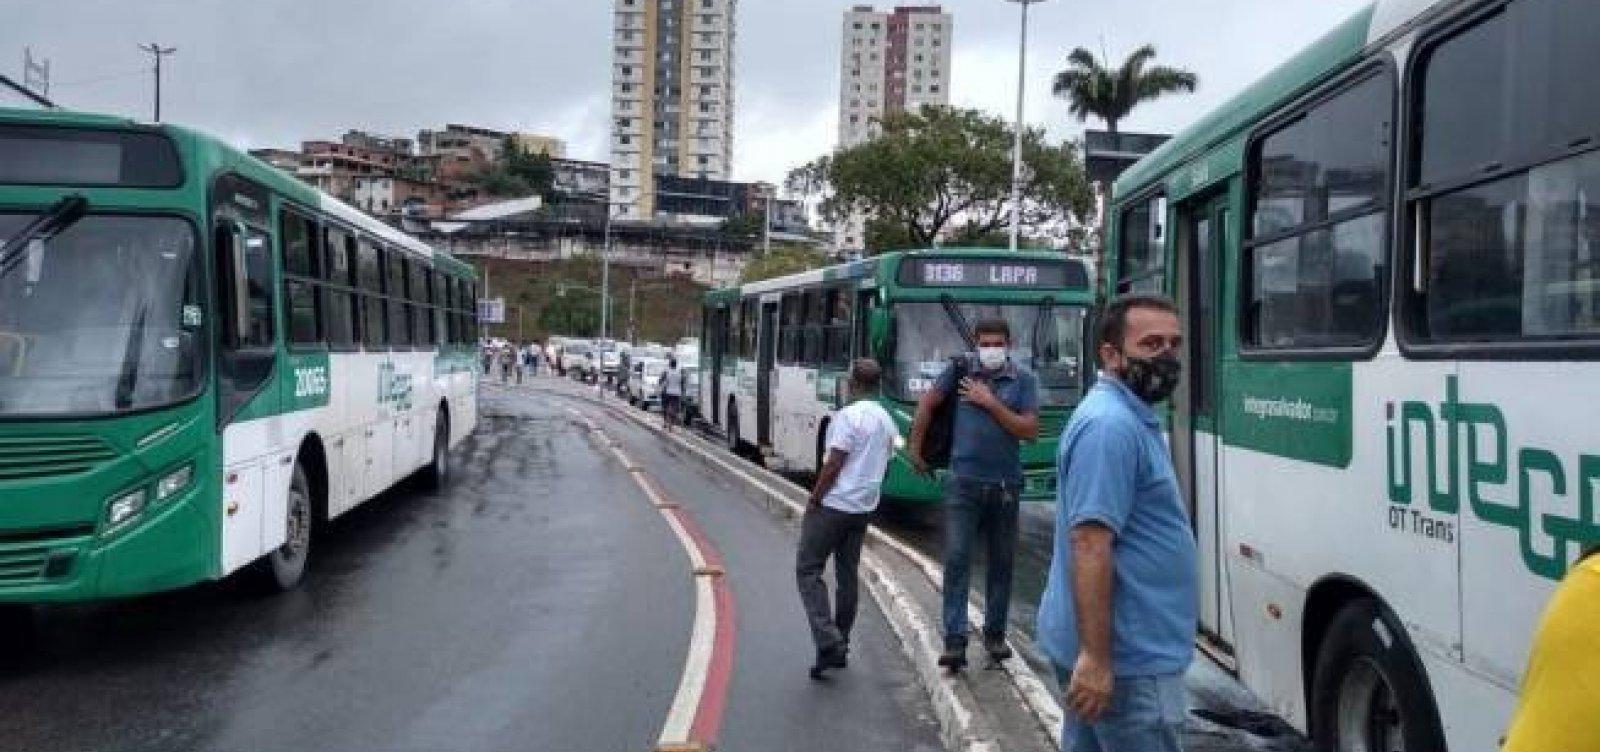 Rodoviários fecham entrada da Lapa em novo protesto por direitos trabalhistas